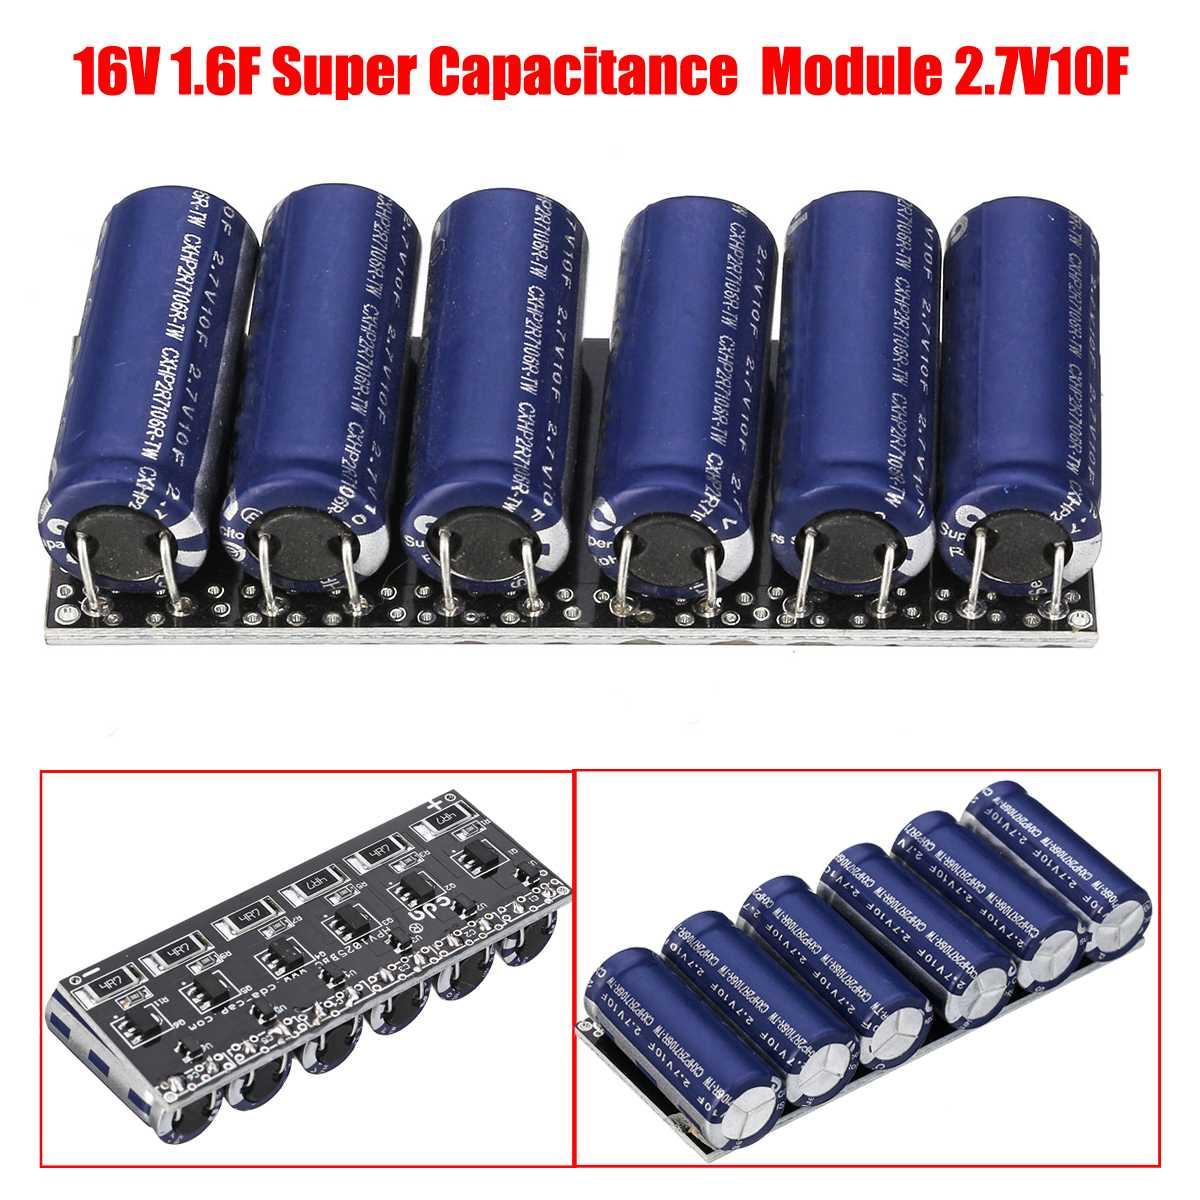 16V 1 6F Farad Super Capacitor Module 2 7V 10F Super Capacitors With  Protection Board